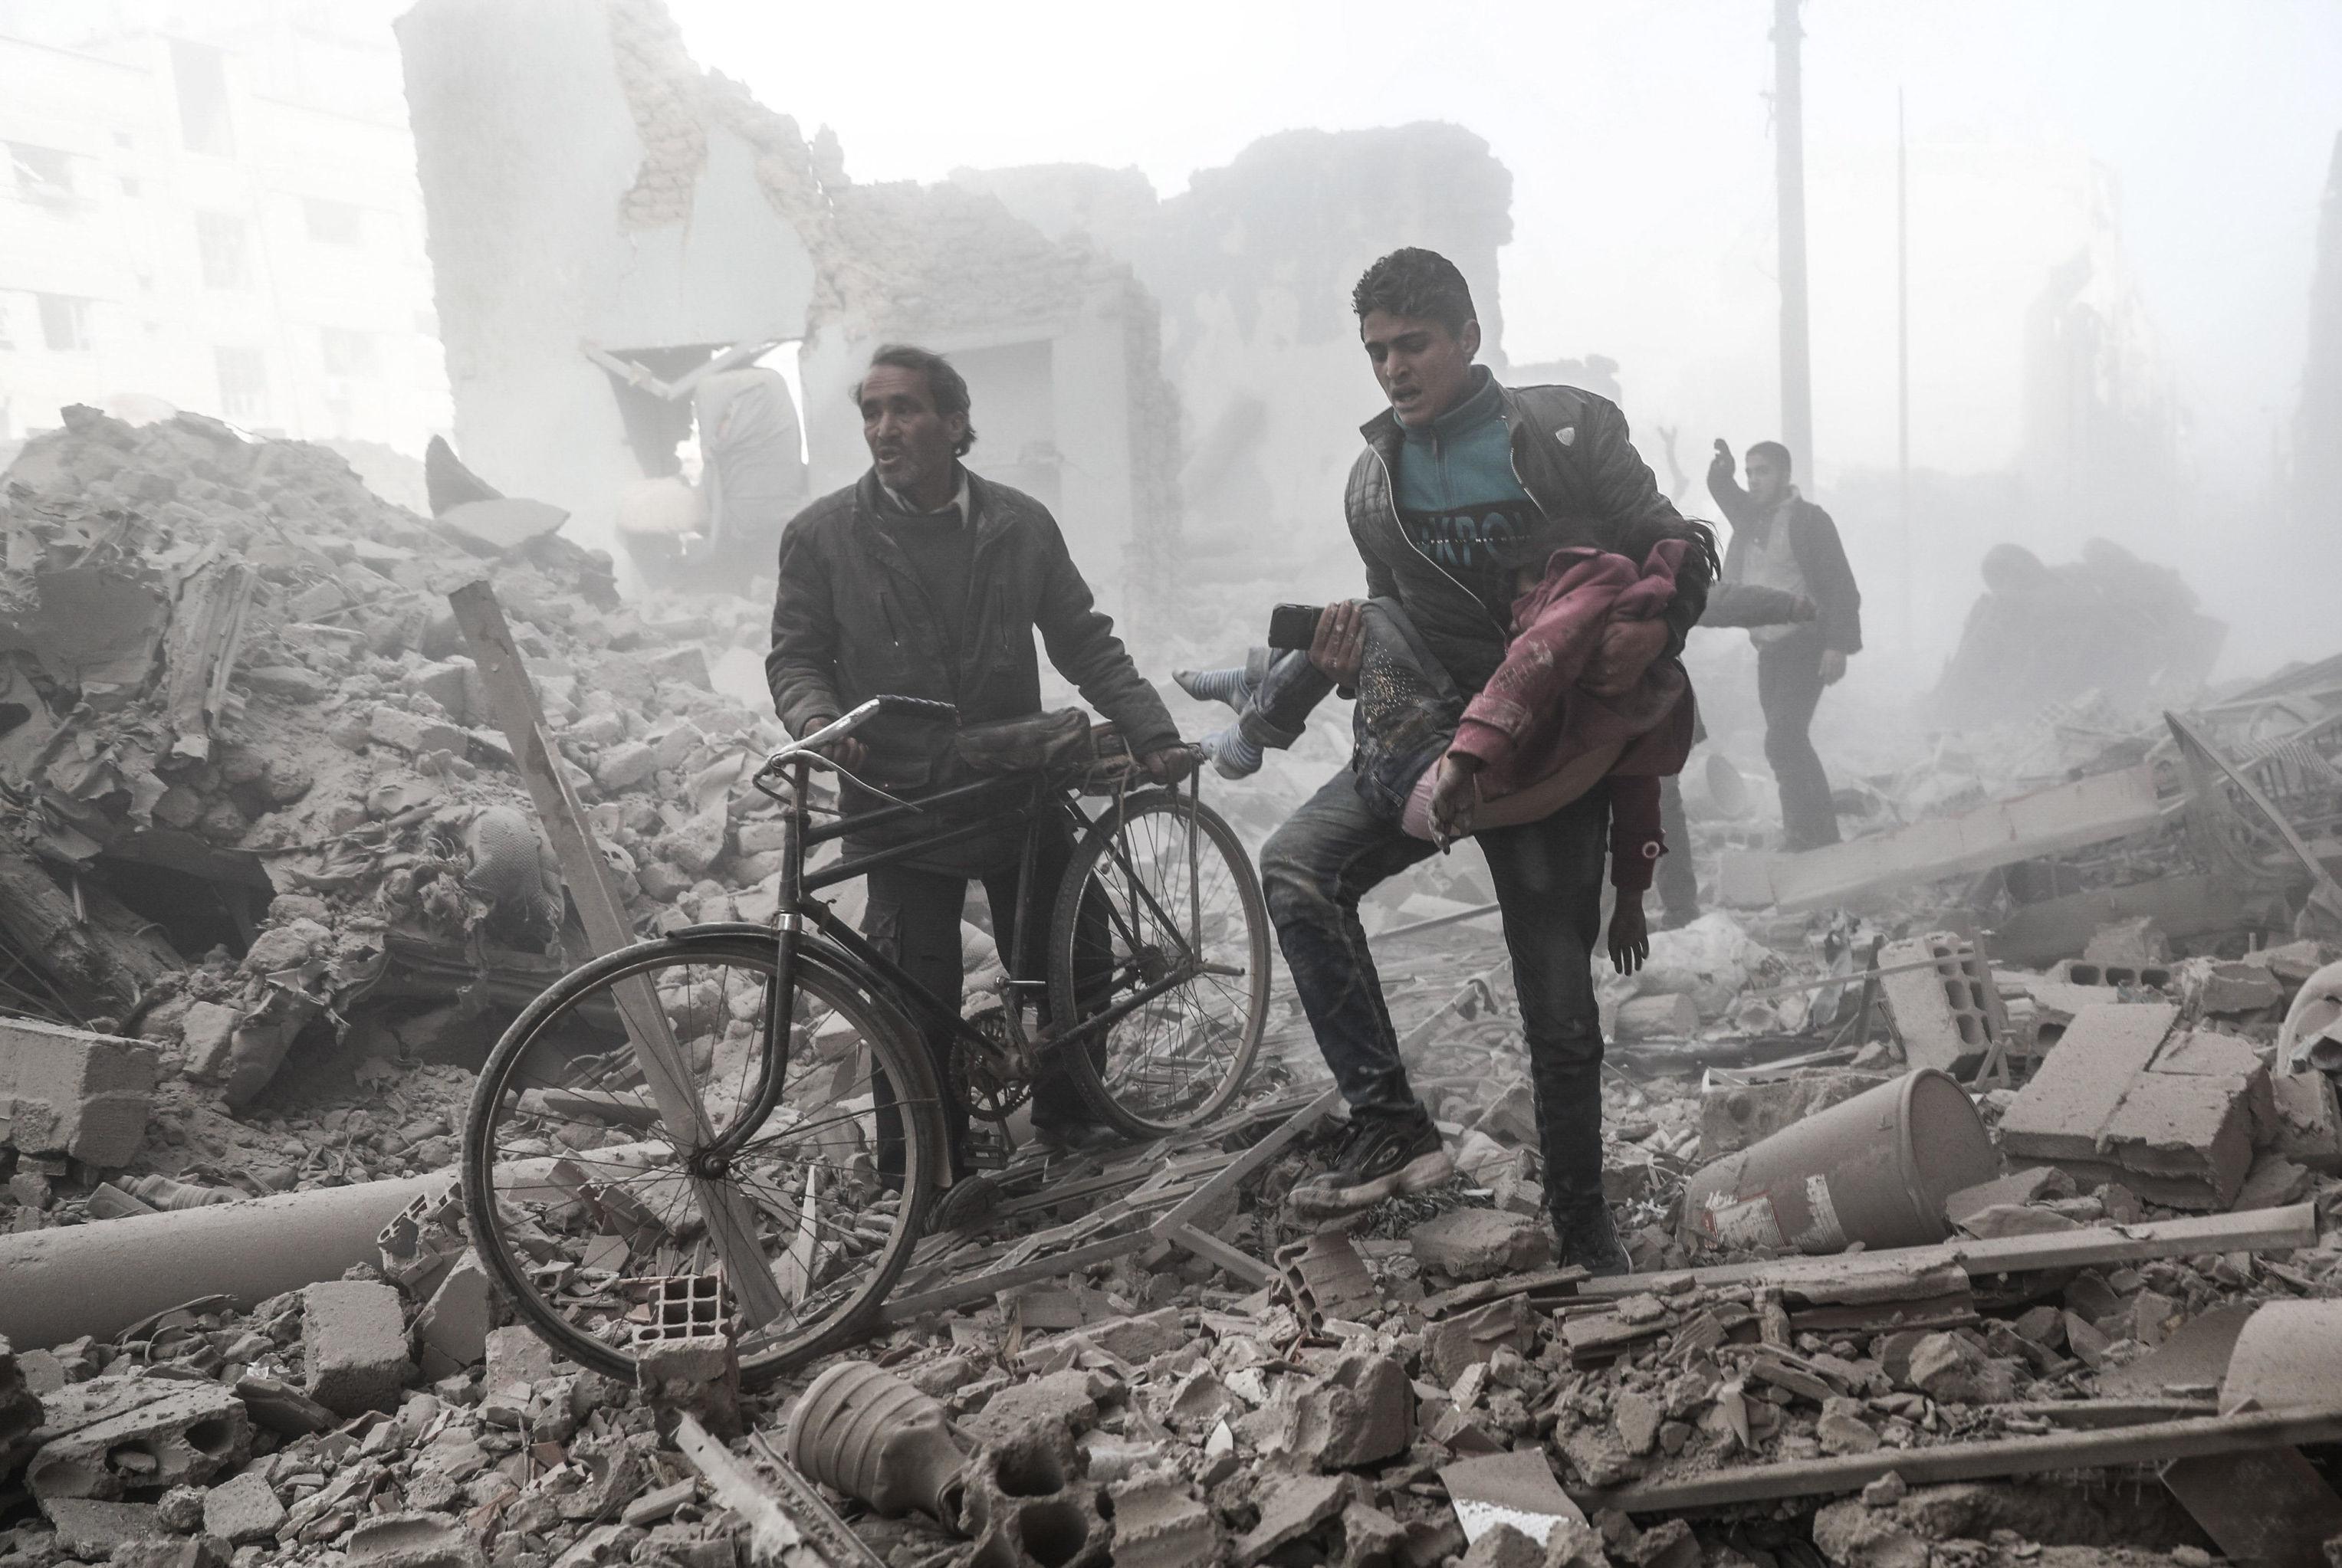 'De un conflicto a otro. Siria' por Sameer Doumi. Primer puesto en la categoría 'Las noticias más importantes'